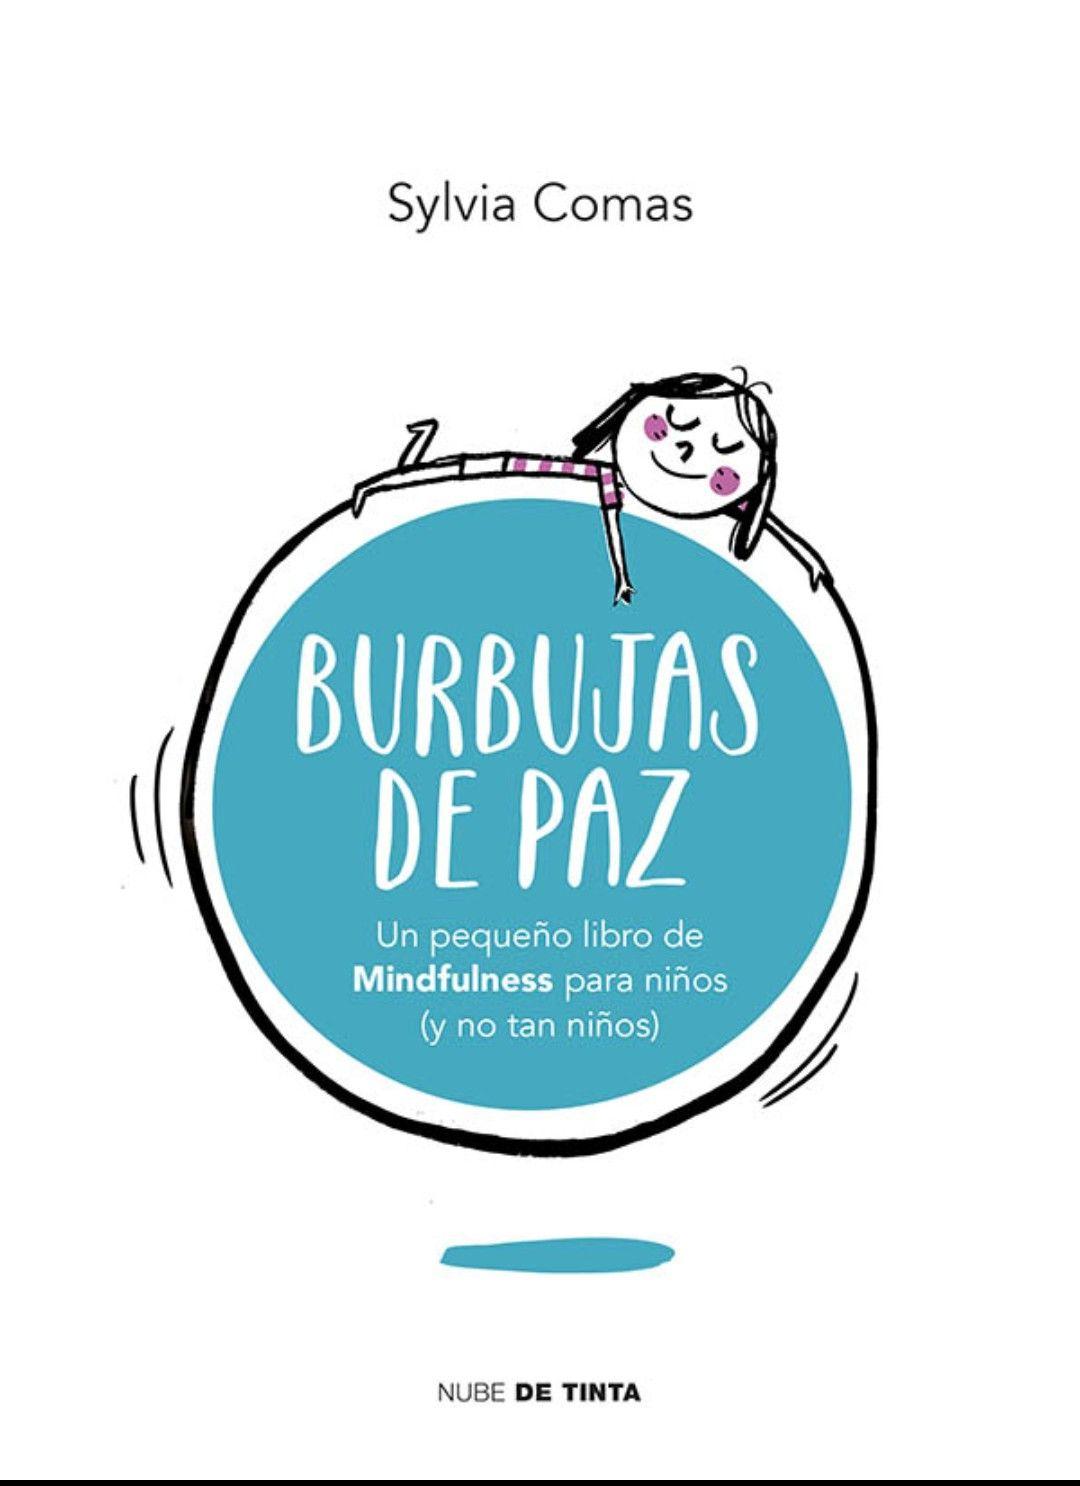 Pin De Esclava Suárez En Libros Burbujas Libros Mindfulness